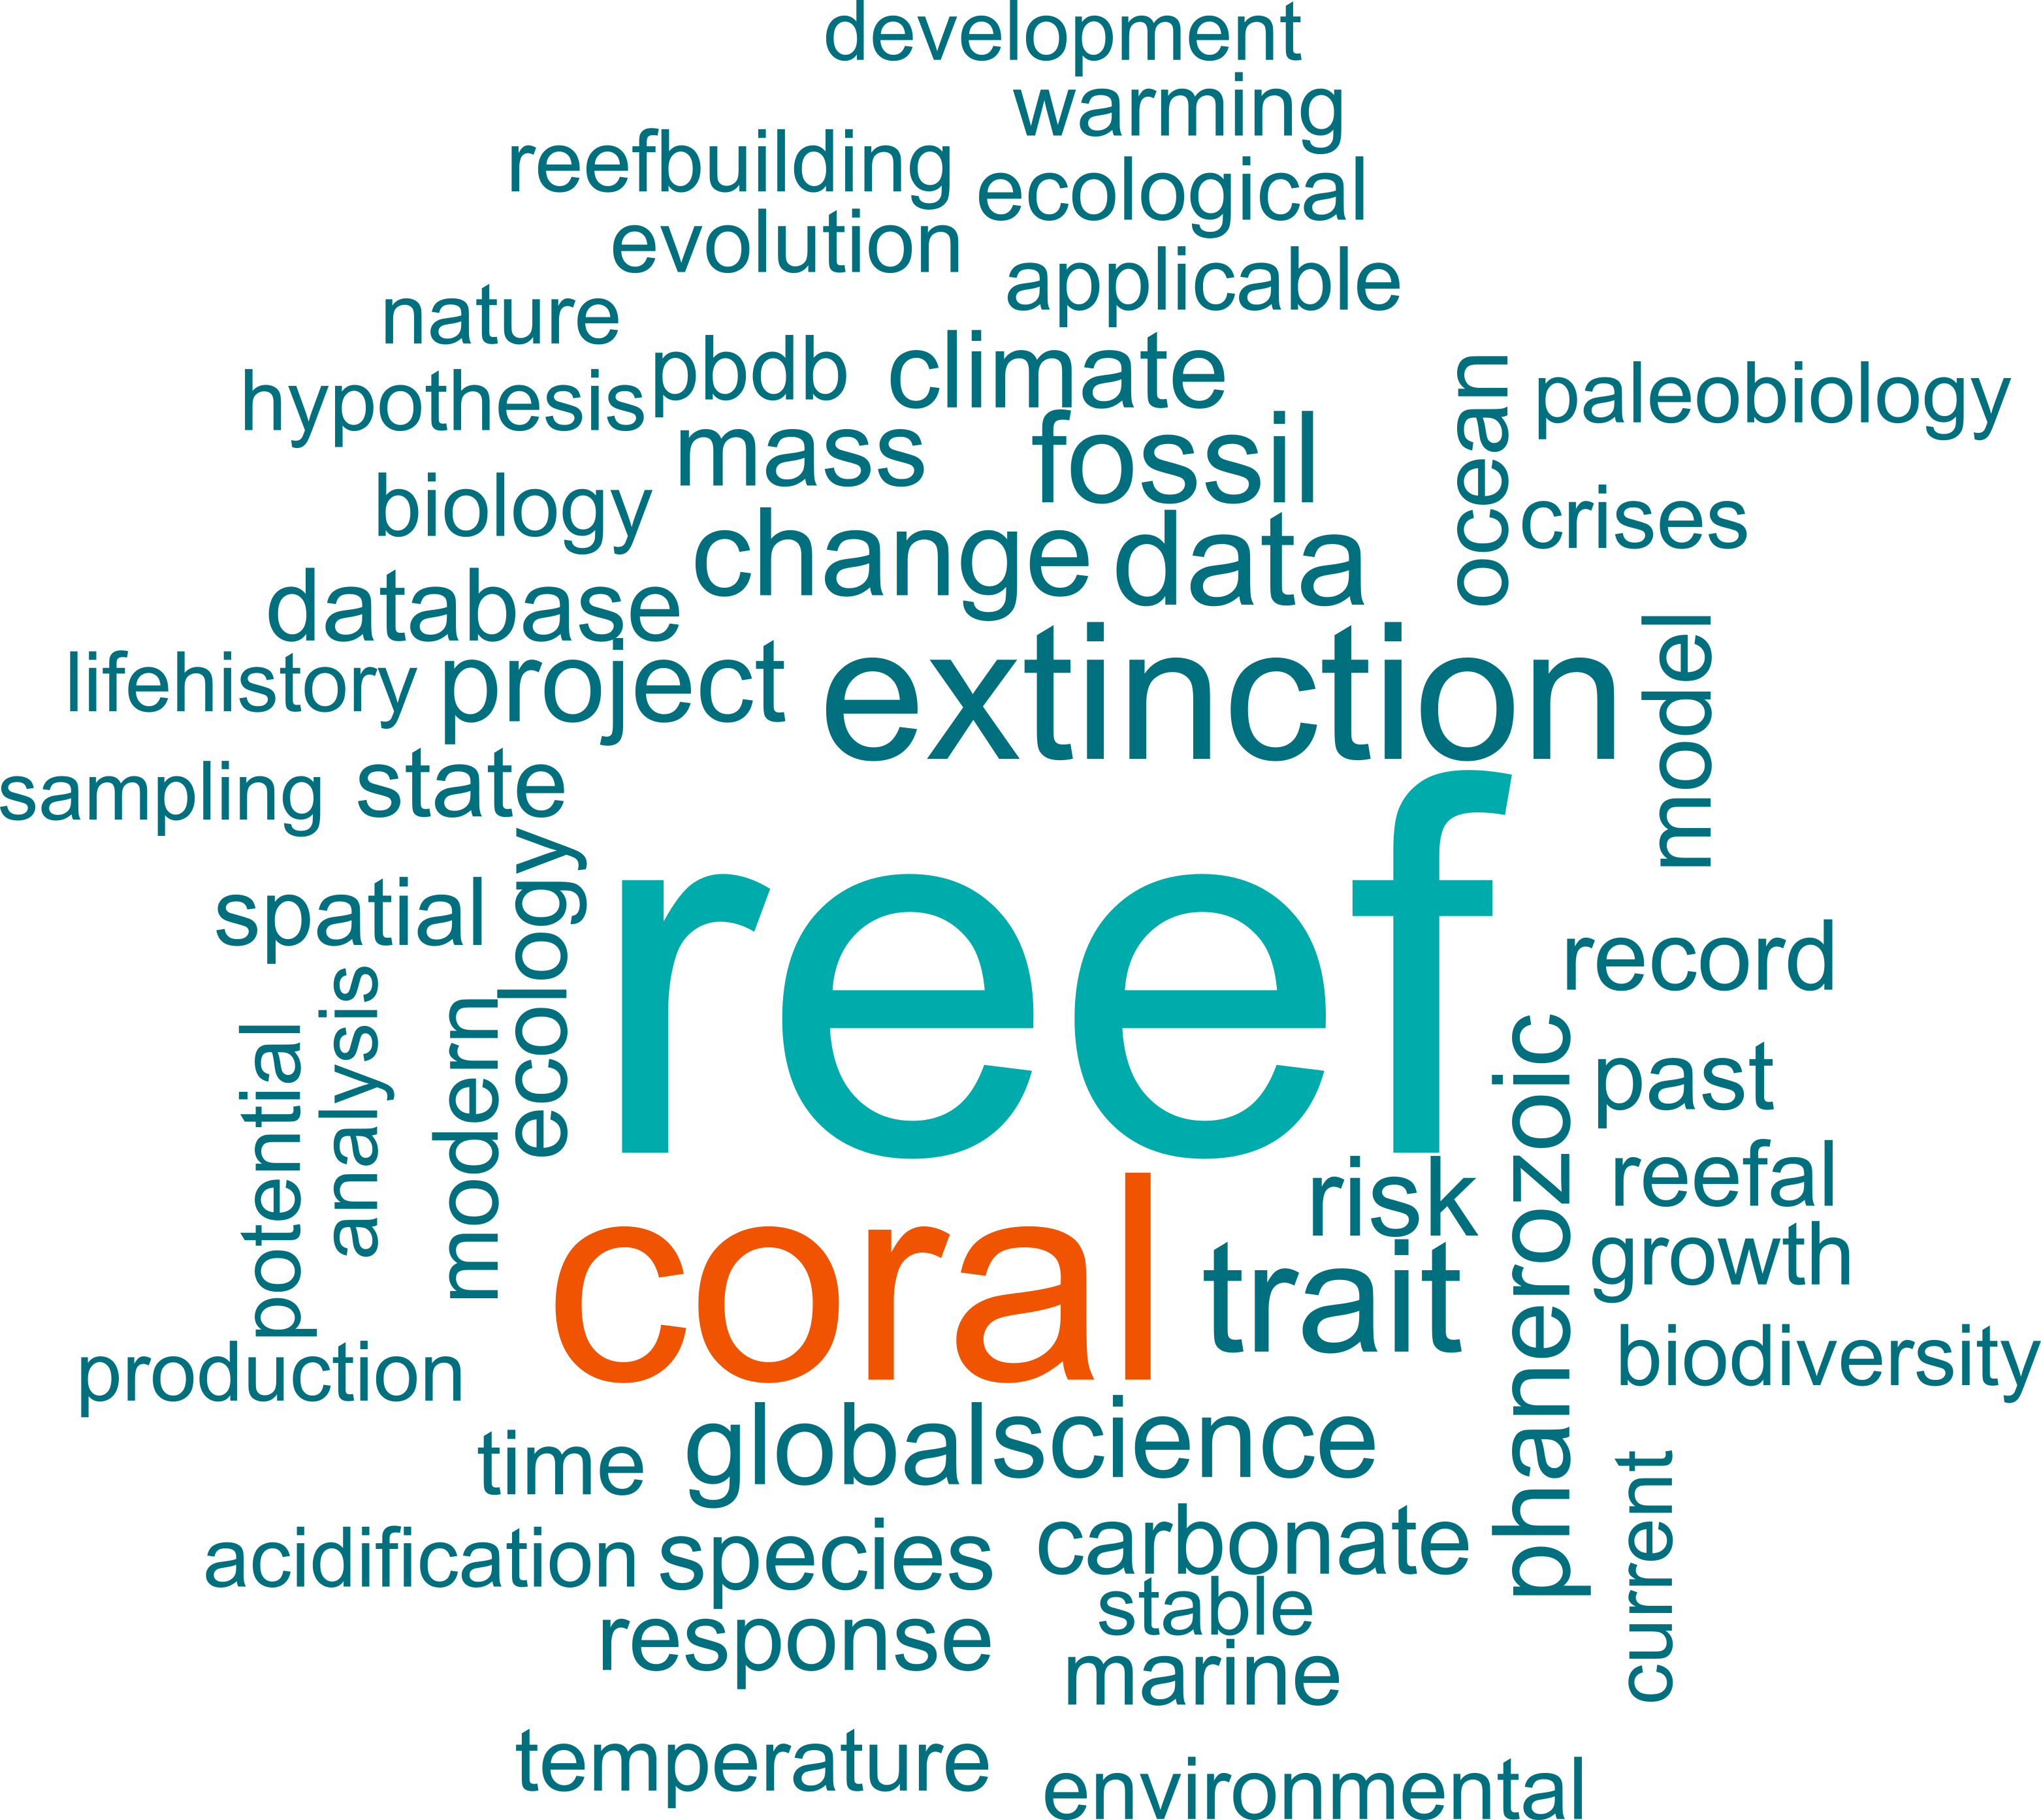 coraltrace